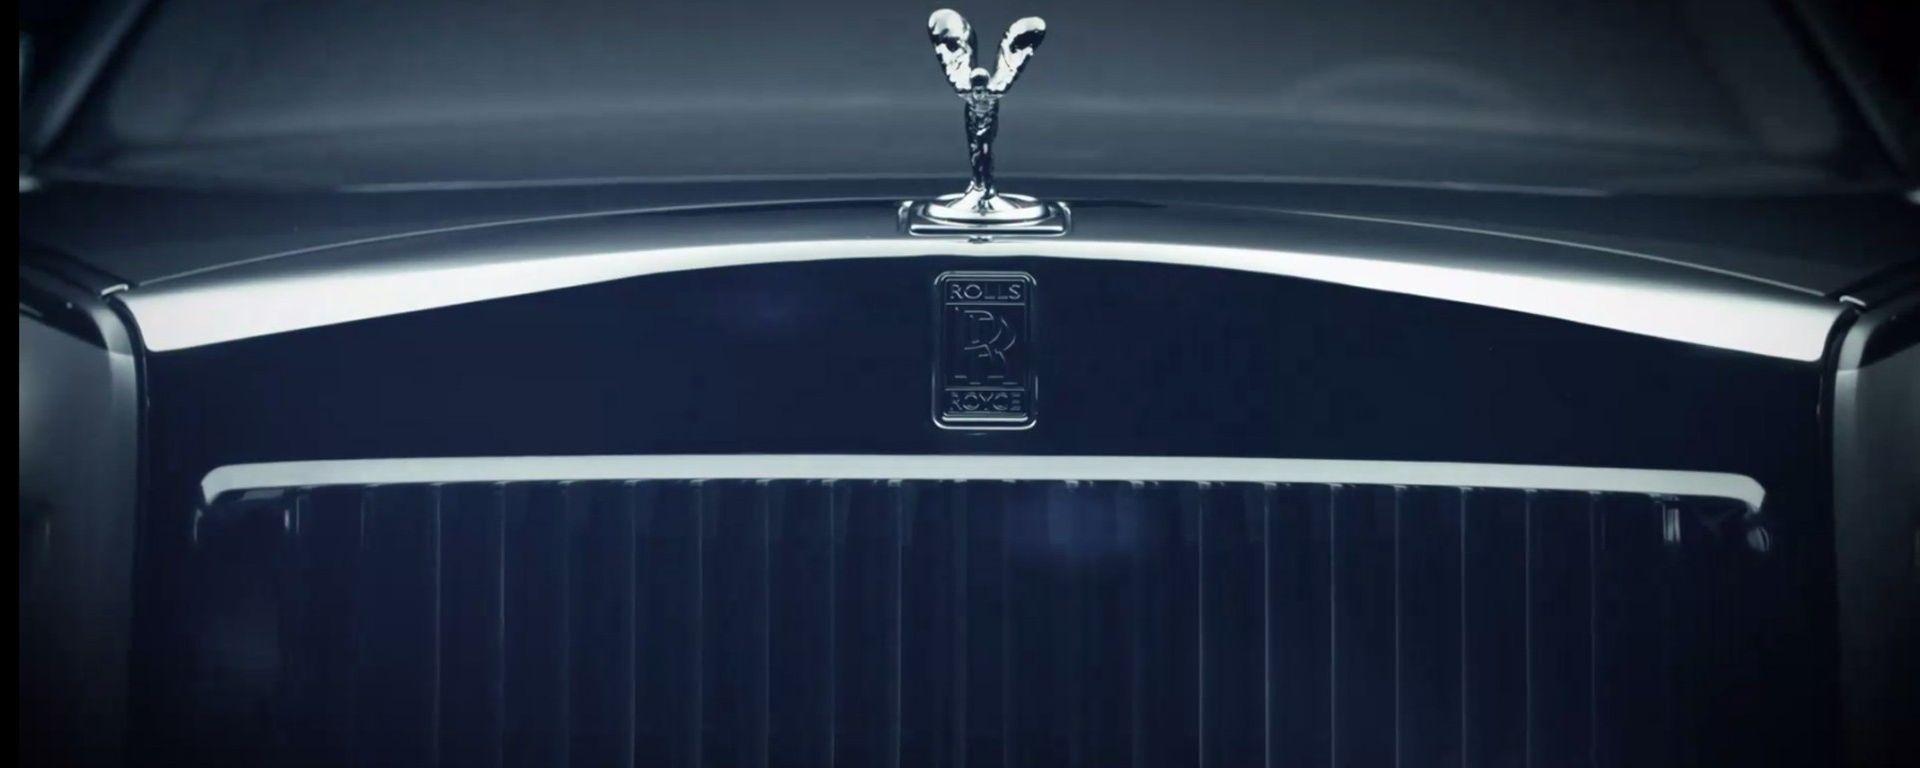 Rolls Royce Phantom: in arrivo la nuova generazione